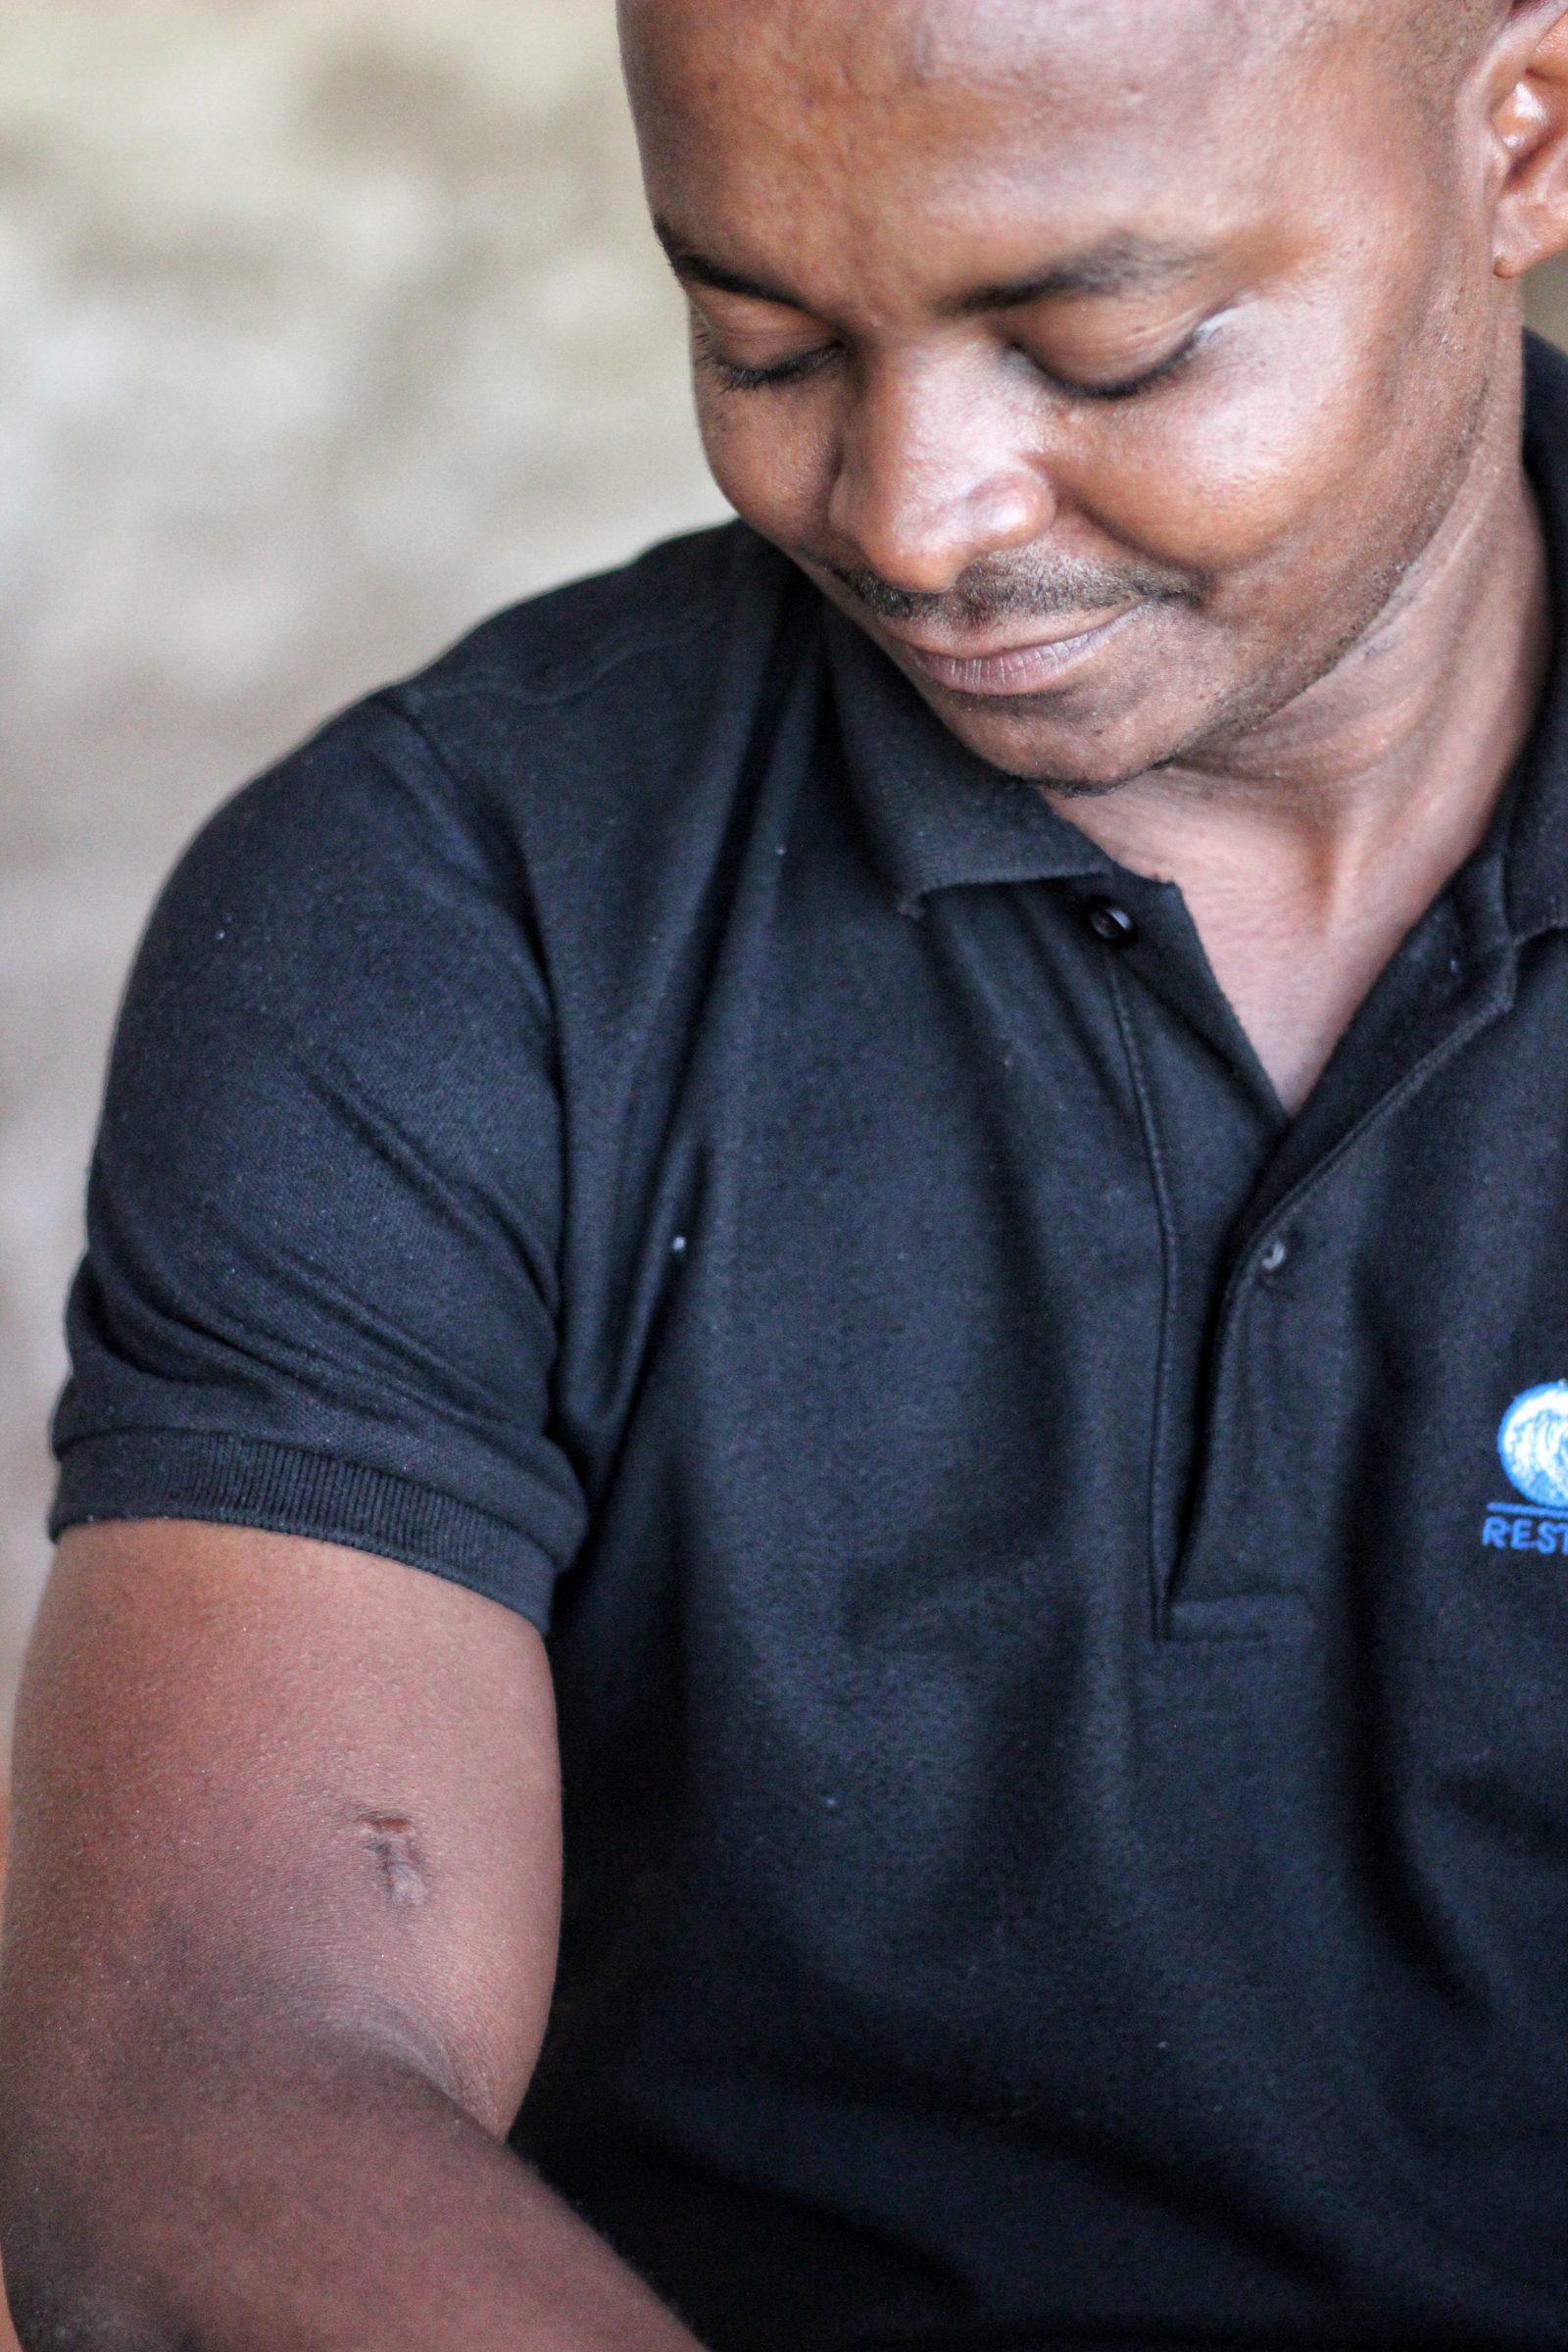 Store drømmer, begrensede midler – et portrettintervju med Abdul